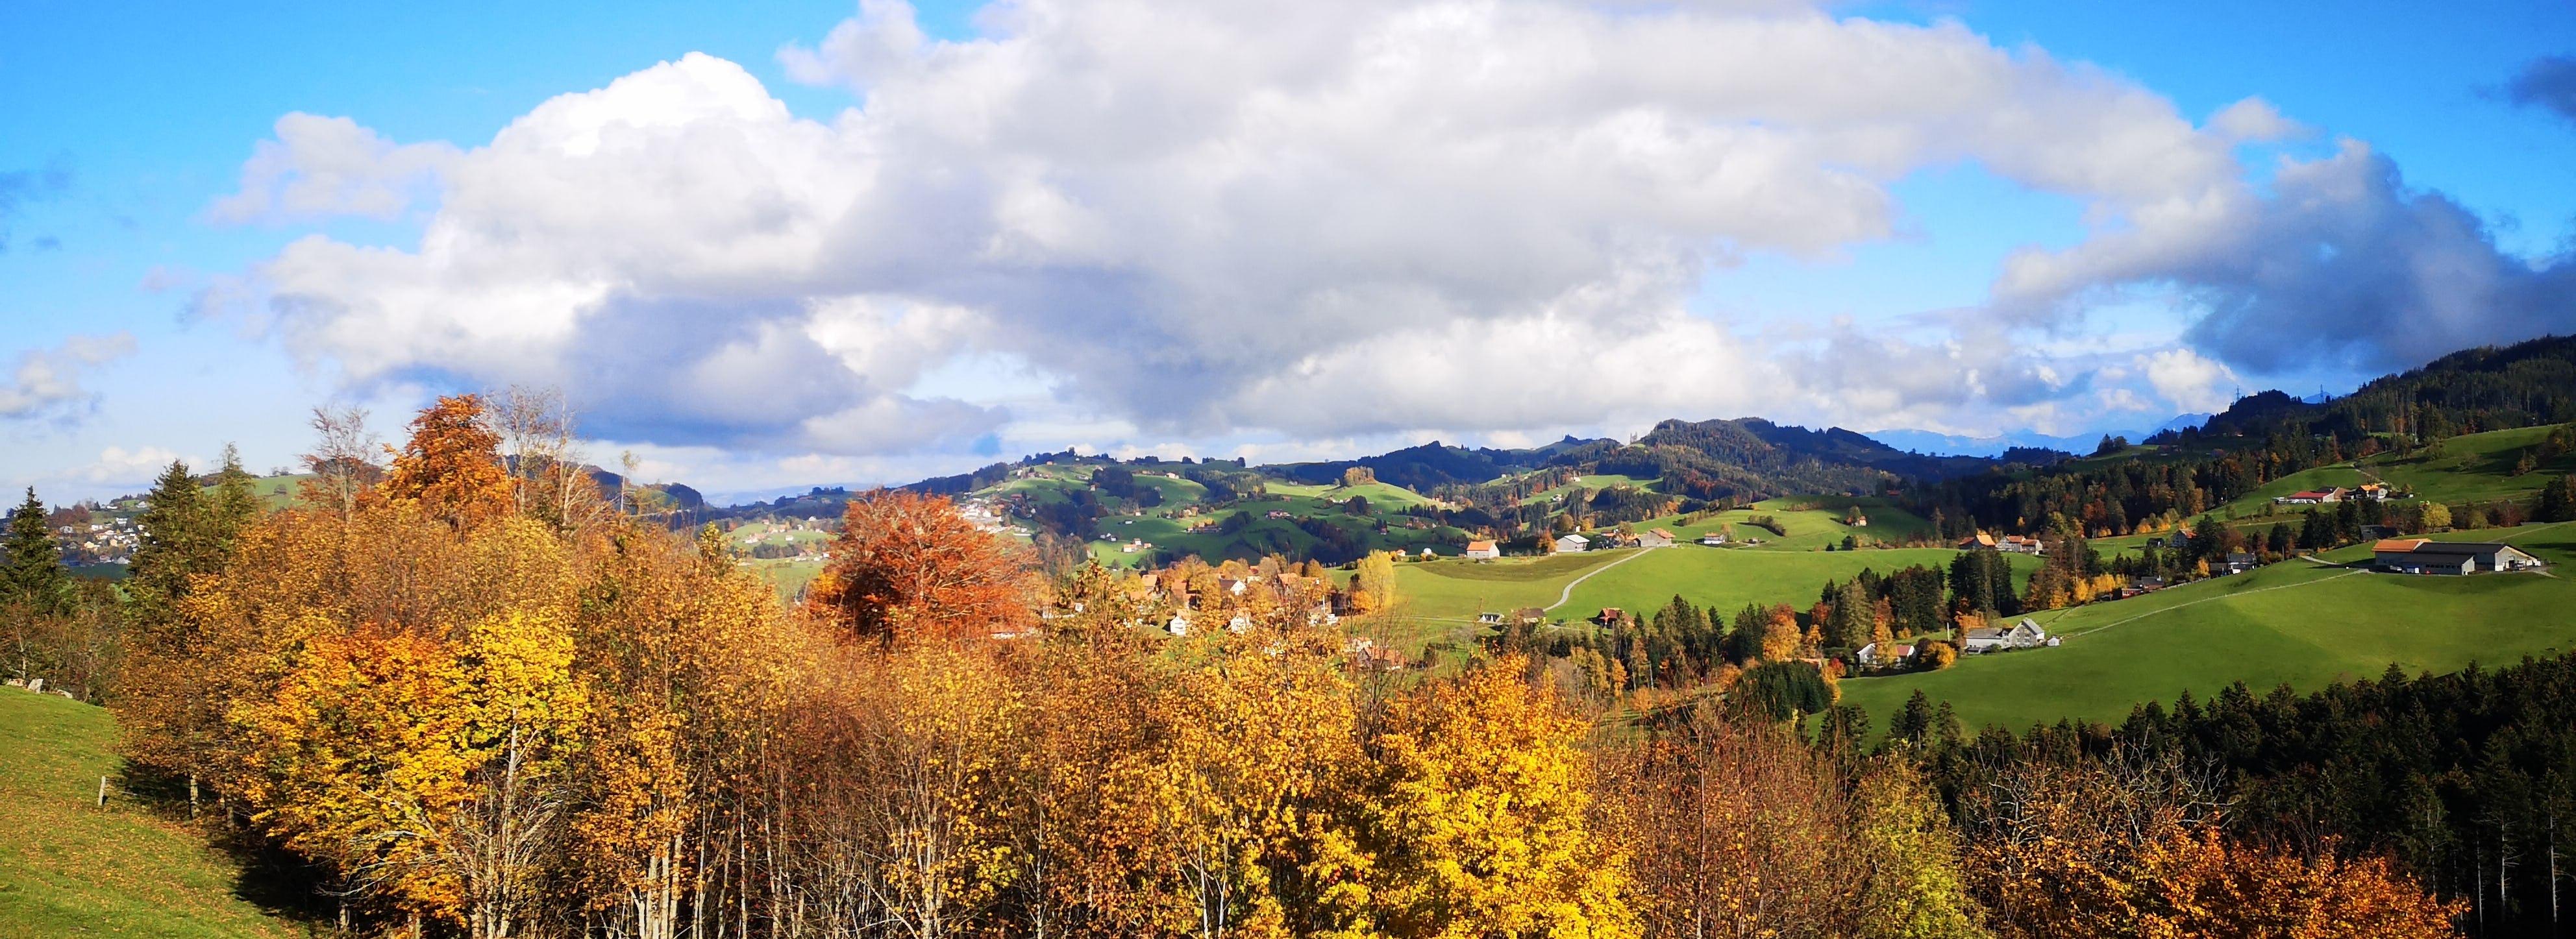 Berge Tagesreise Herbstwälder